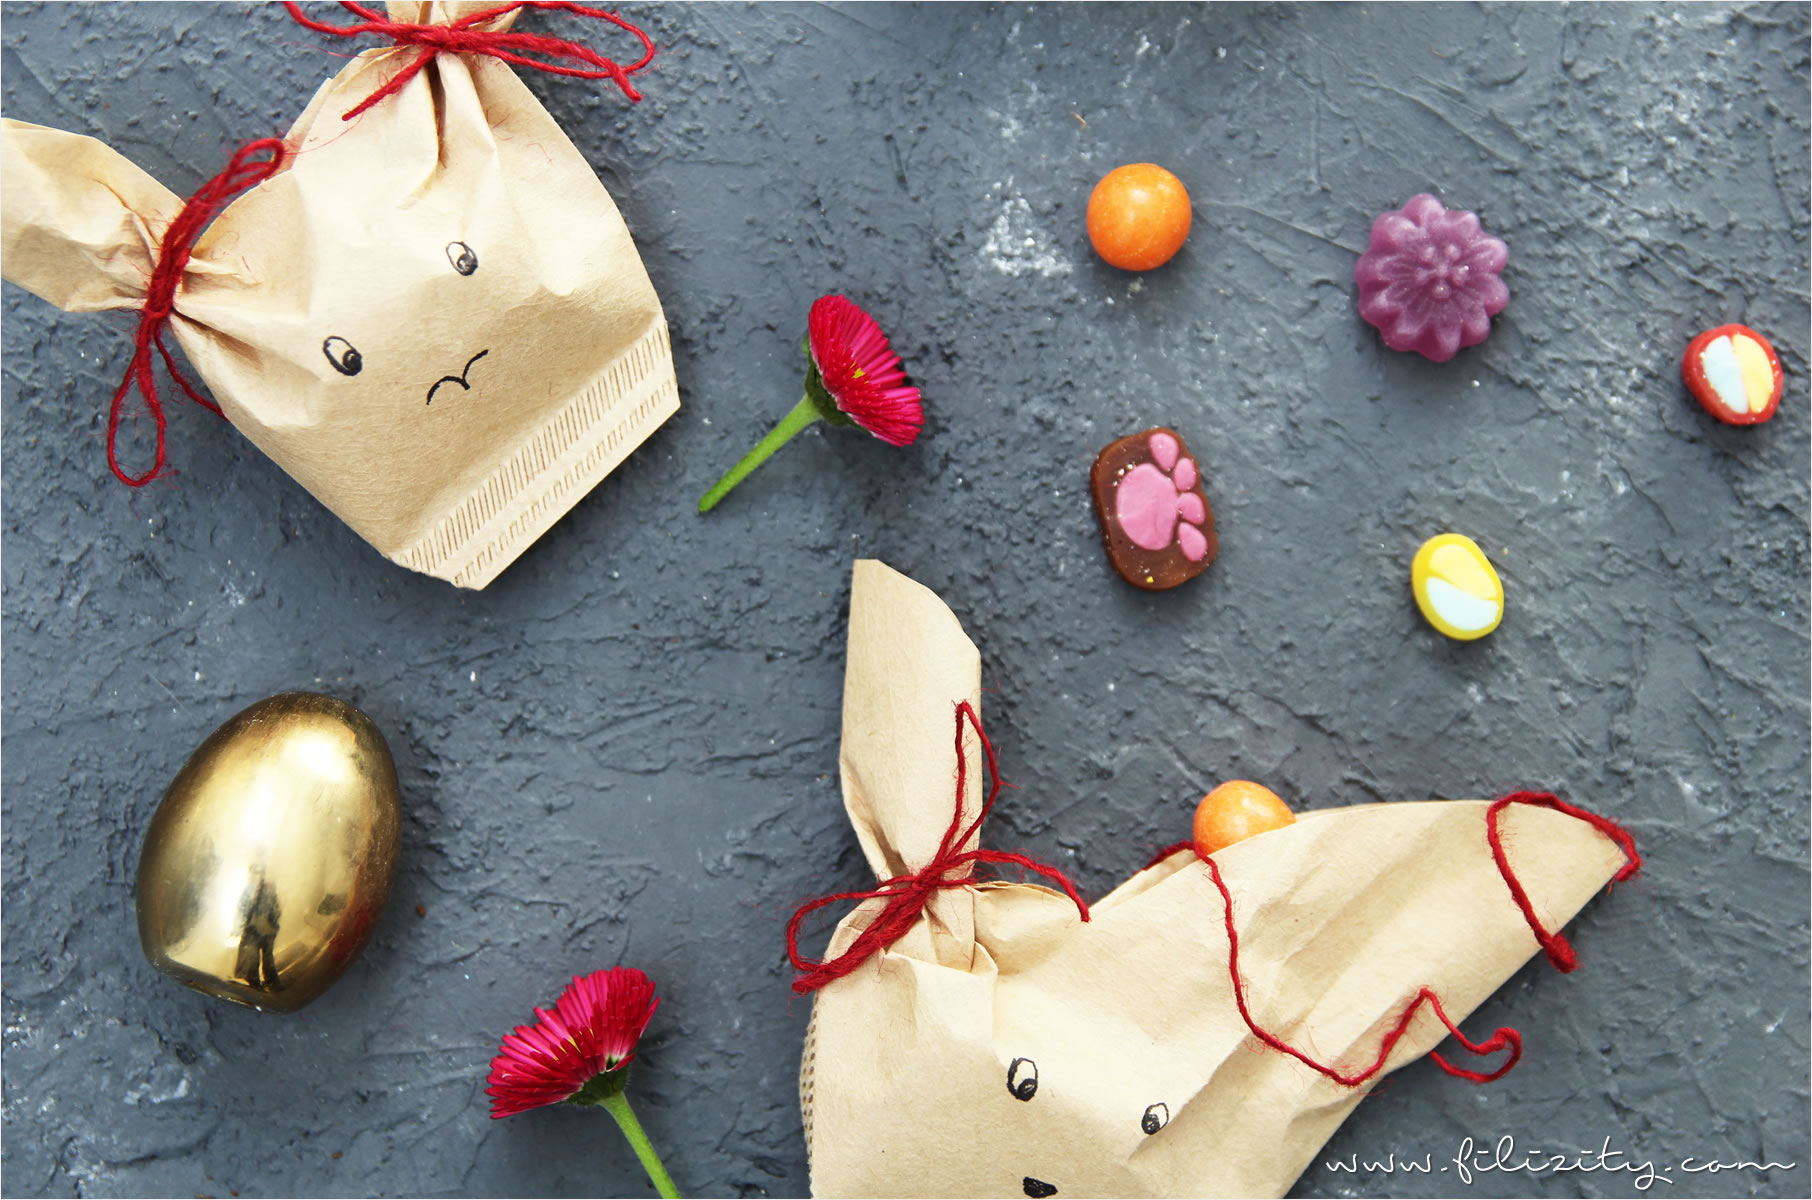 DIY Verpackung für Ostergeschenke: Hasentüten aus Kaffeefiltern